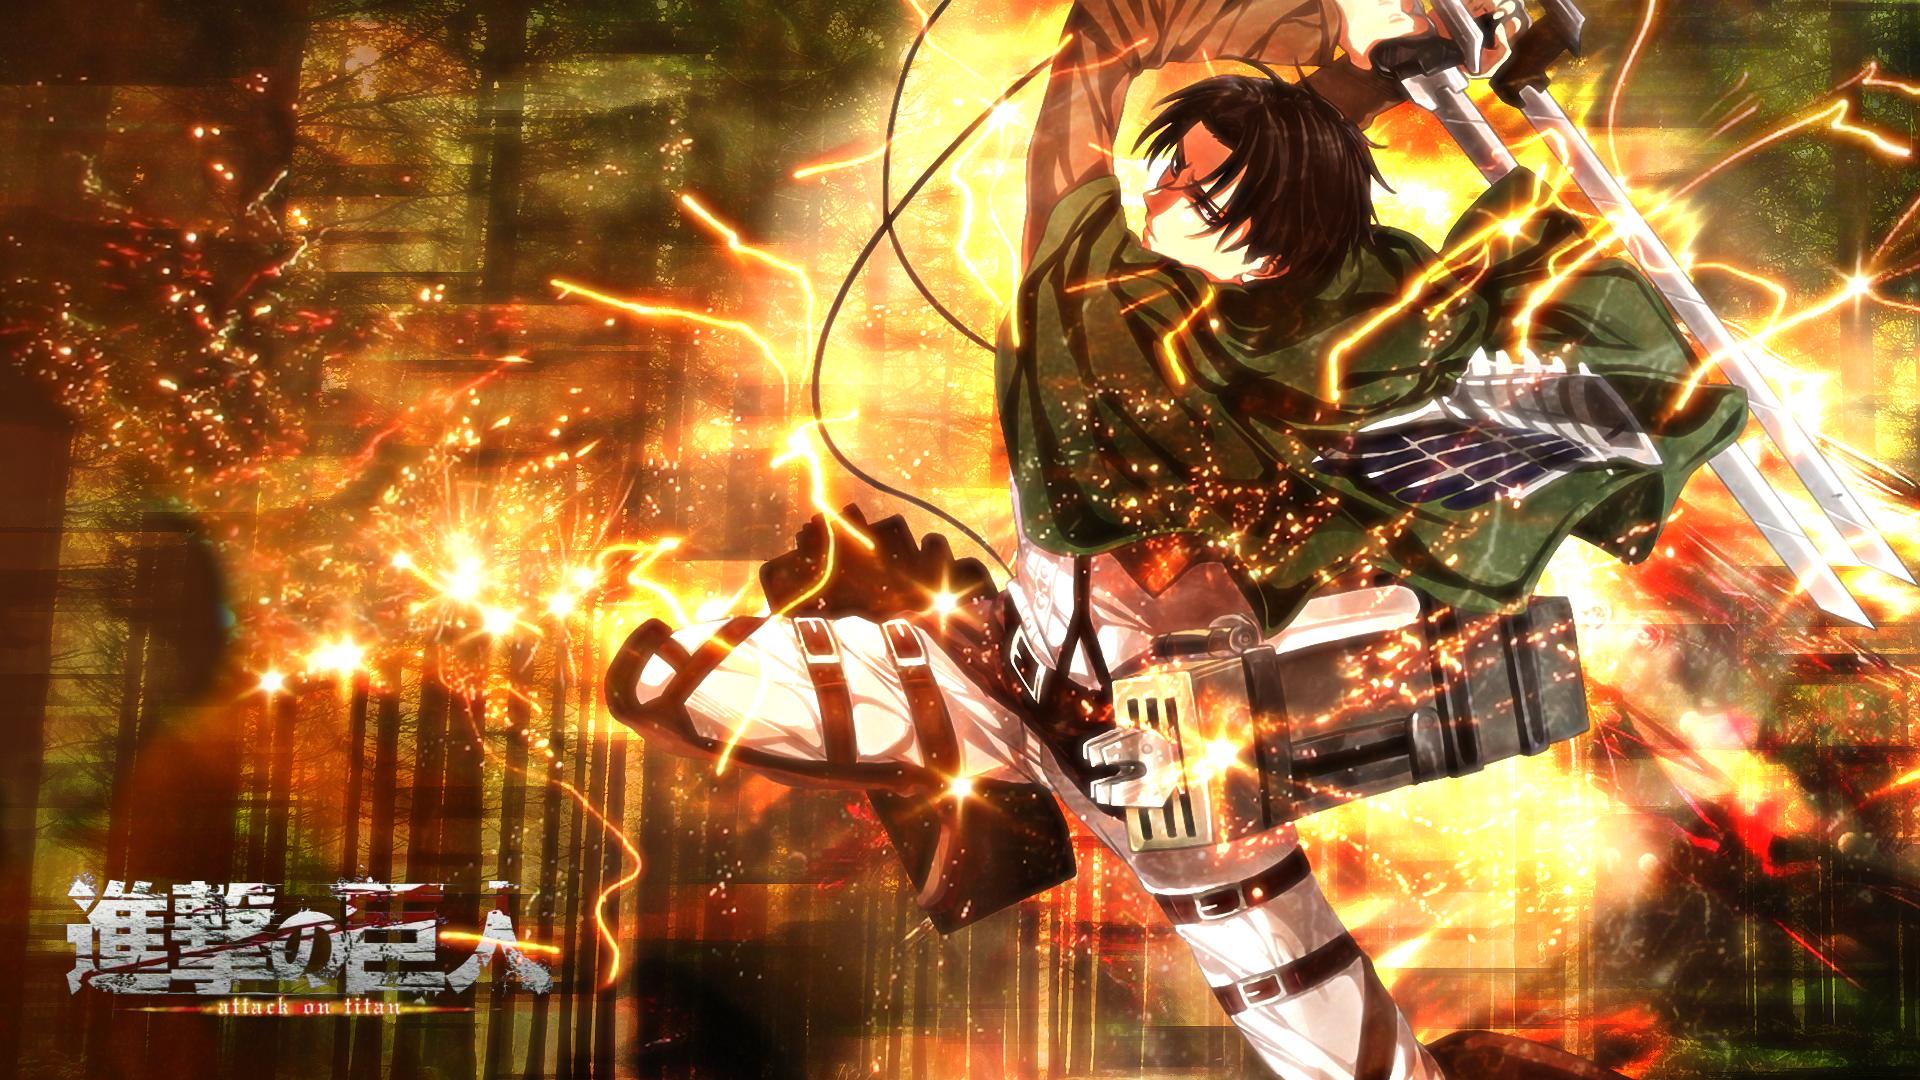 Attack On Titan Levi Ackerman Wallpaper Resolution 1920x1080 Id 968025 Wallha Com